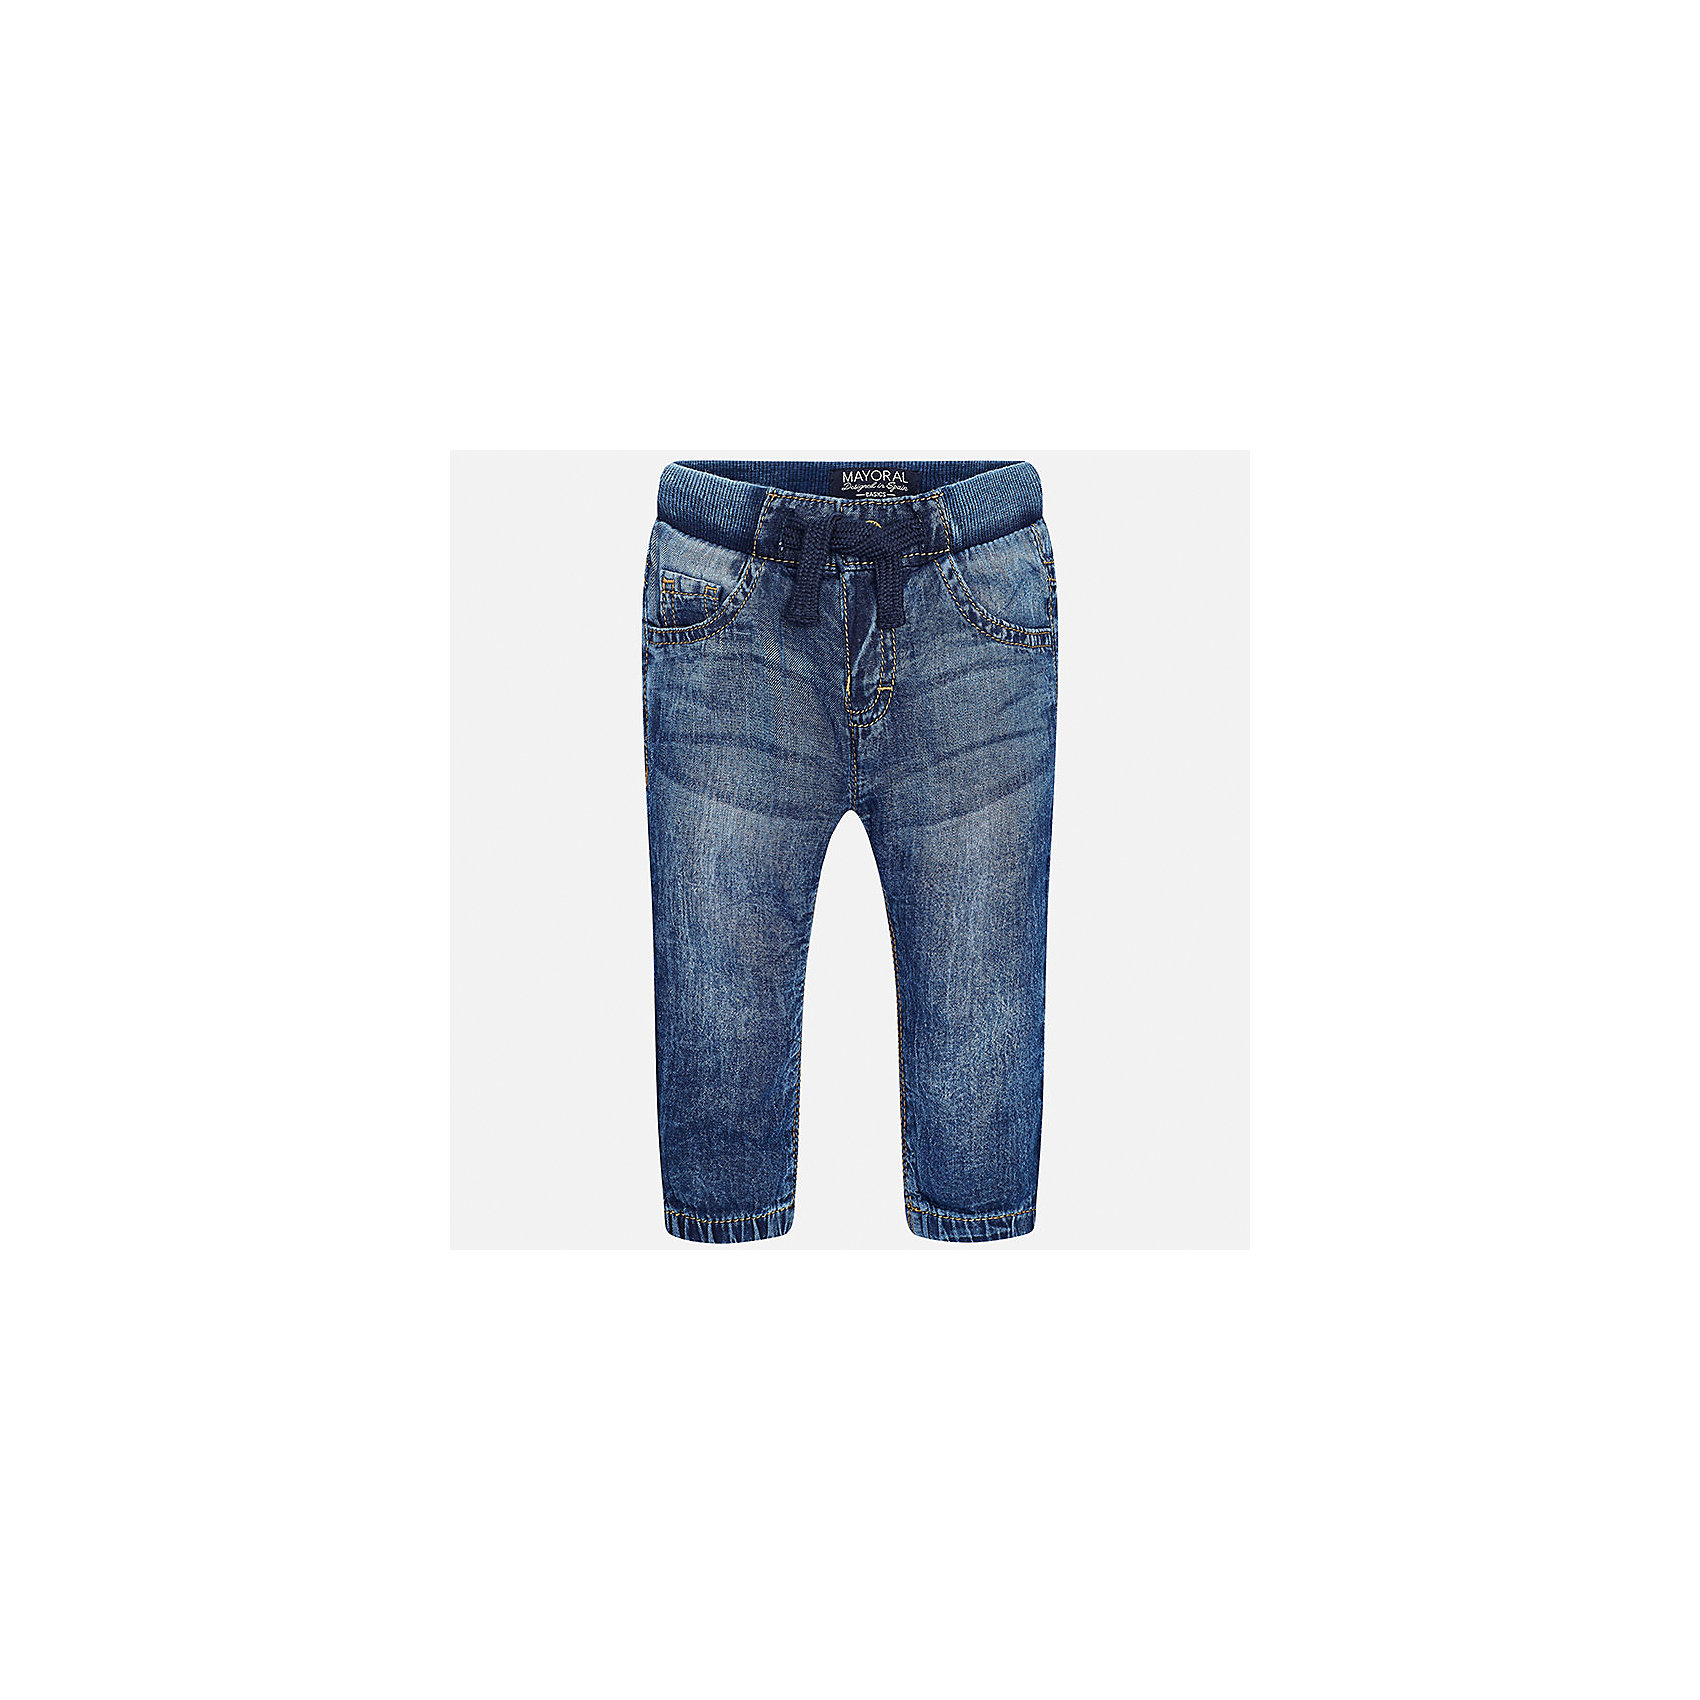 Джинсы для мальчика MayoralДжинсы и брючки<br>Характеристики товара:<br><br>• цвет: синий<br>• состав: 100% хлопок<br>• имитация потертости<br>• шлевки<br>• карманы<br>• пояс - мягкая резинка<br>• классический силуэт<br>• страна бренда: Испания<br><br>Модные джинсы для мальчика смогут стать базовой вещью в гардеробе ребенка. Они отлично сочетаются с майками, футболками, рубашками и т.д. Универсальный крой и цвет позволяет подобрать к вещи верх разных расцветок. Практичное и стильное изделие! В составе материала - натуральный хлопок, гипоаллергенный, приятный на ощупь, дышащий.<br><br>Одежда, обувь и аксессуары от испанского бренда Mayoral полюбились детям и взрослым по всему миру. Модели этой марки - стильные и удобные. Для их производства используются только безопасные, качественные материалы и фурнитура. Порадуйте ребенка модными и красивыми вещами от Mayoral! <br><br>Джинсы для мальчика от испанского бренда Mayoral (Майорал) можно купить в нашем интернет-магазине.<br><br>Ширина мм: 215<br>Глубина мм: 88<br>Высота мм: 191<br>Вес г: 336<br>Цвет: синий<br>Возраст от месяцев: 12<br>Возраст до месяцев: 15<br>Пол: Мужской<br>Возраст: Детский<br>Размер: 80,86,92<br>SKU: 5278017